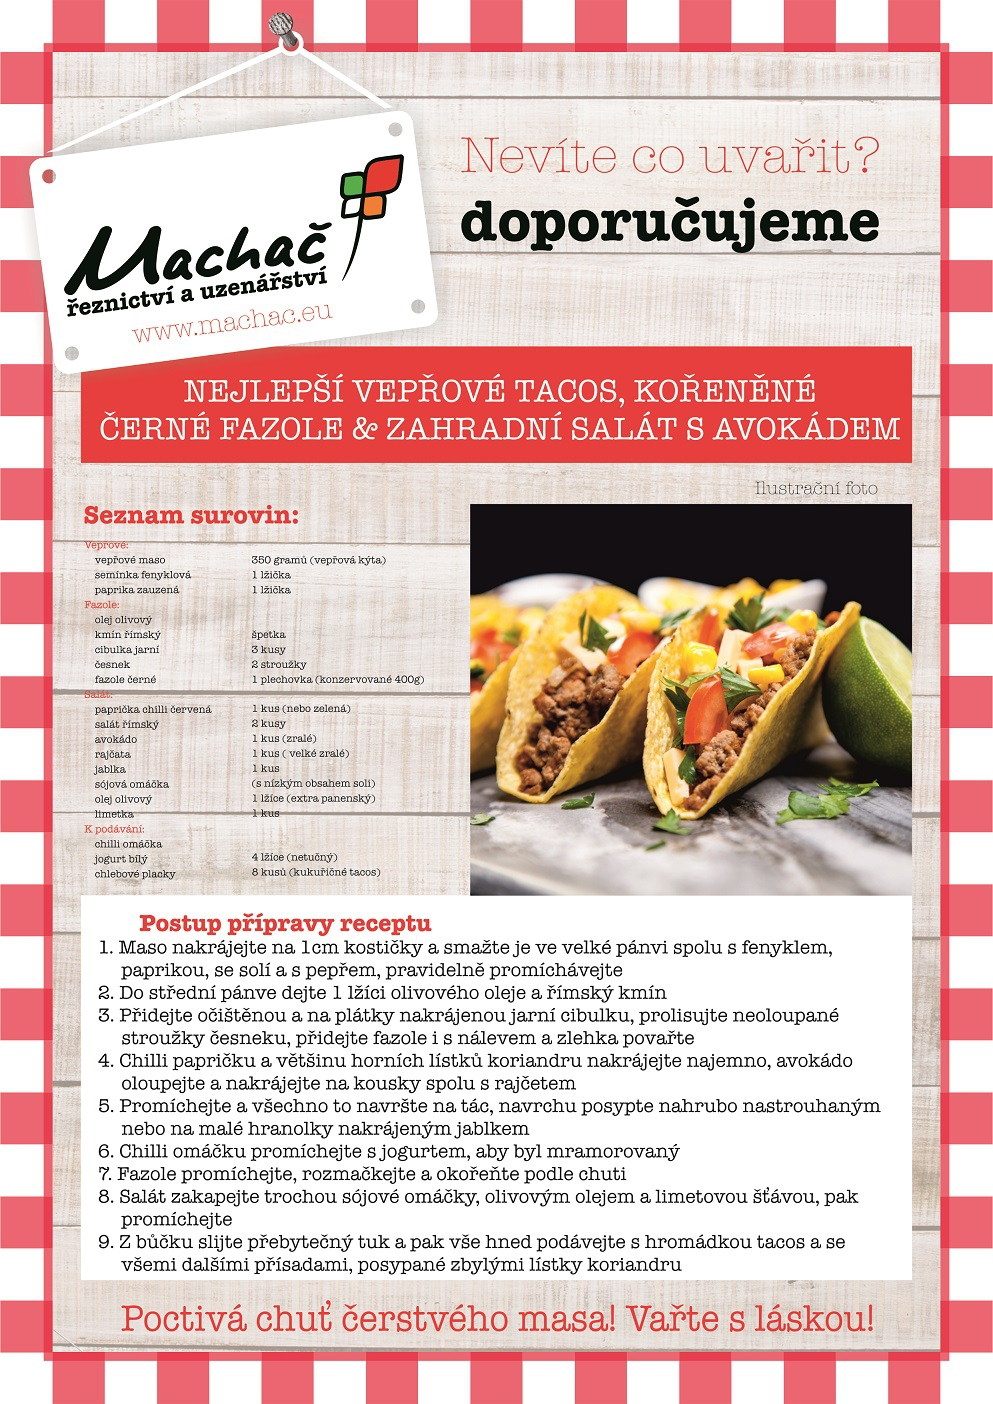 Nejlepší vepřové tacos